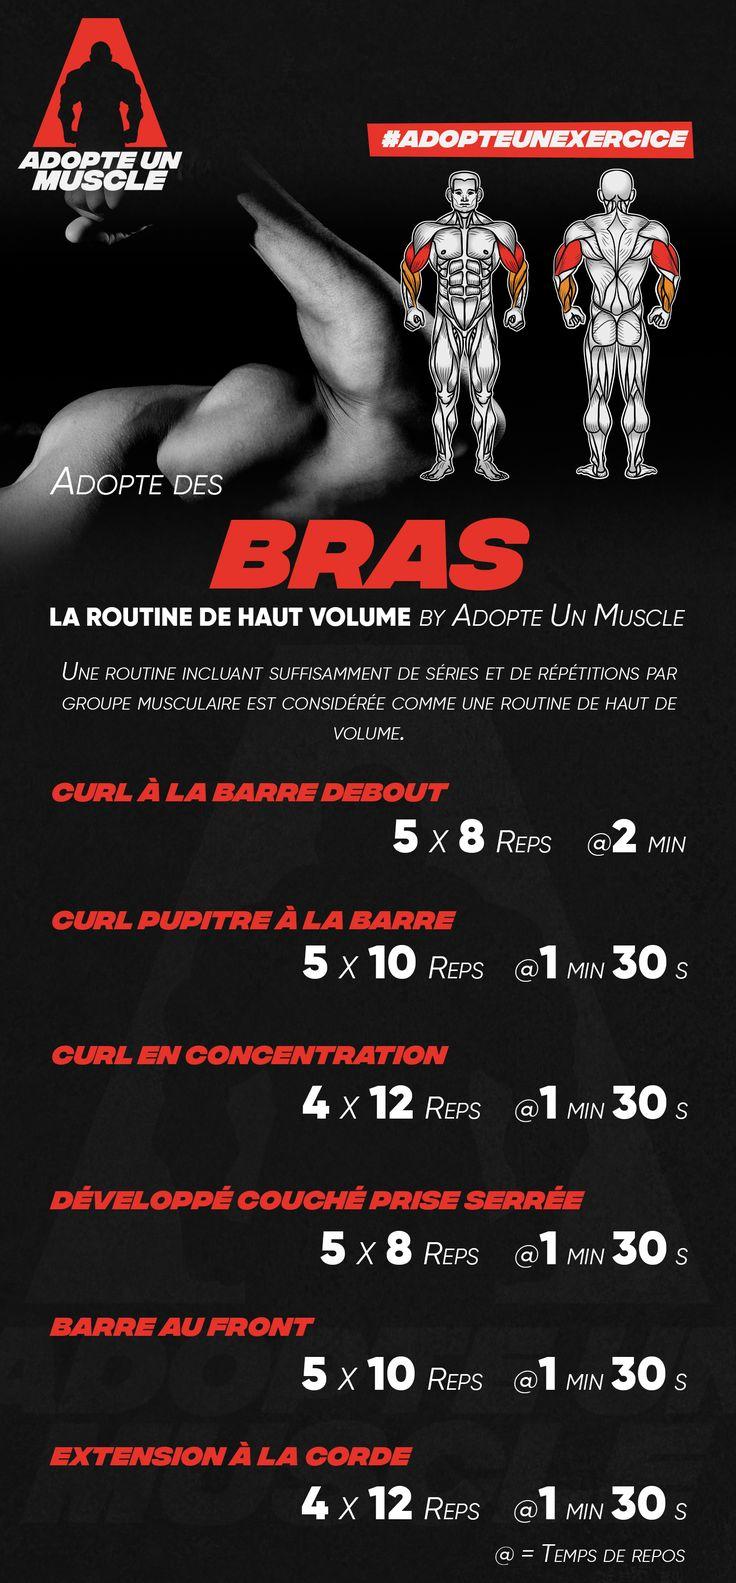 Adopte des bras avec la routine de haut volume #splt #bras #biceps #triceps #cur…